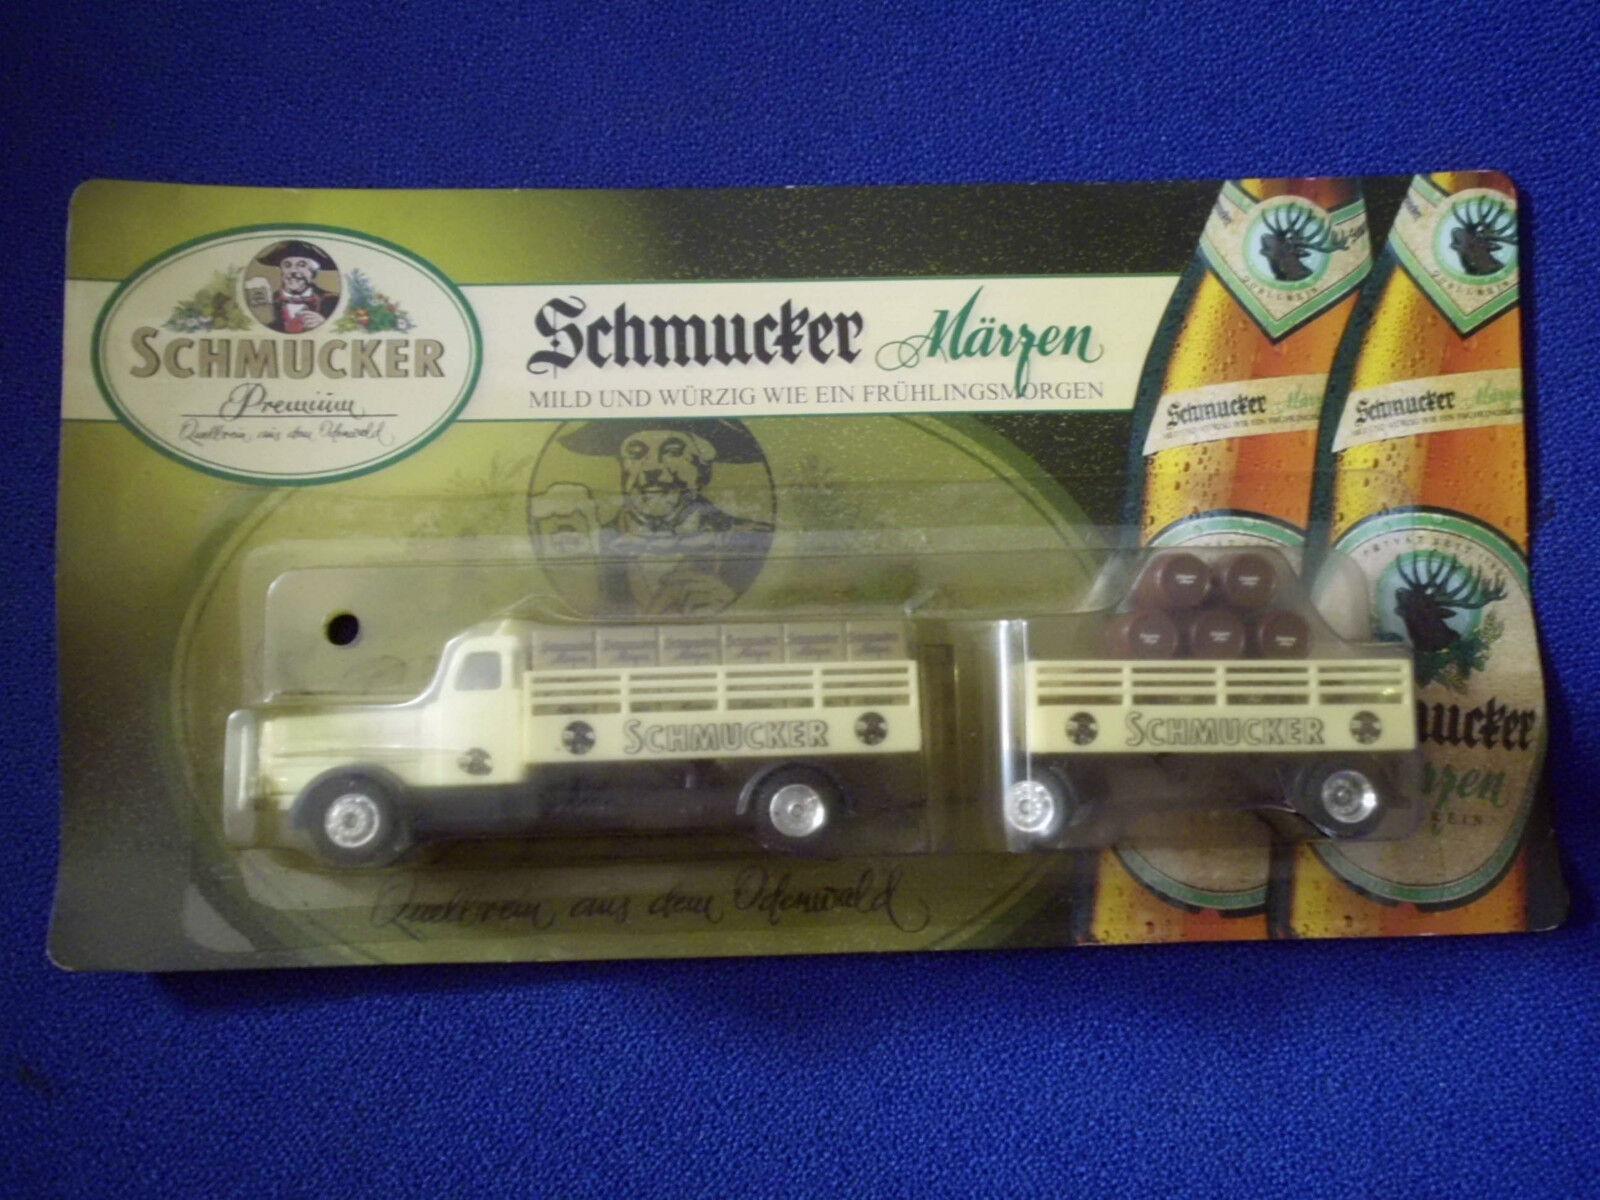 Modèle Voiture Miniature Camion Camion faune joli M mw2 rzen Publicité mw2 M ca5263